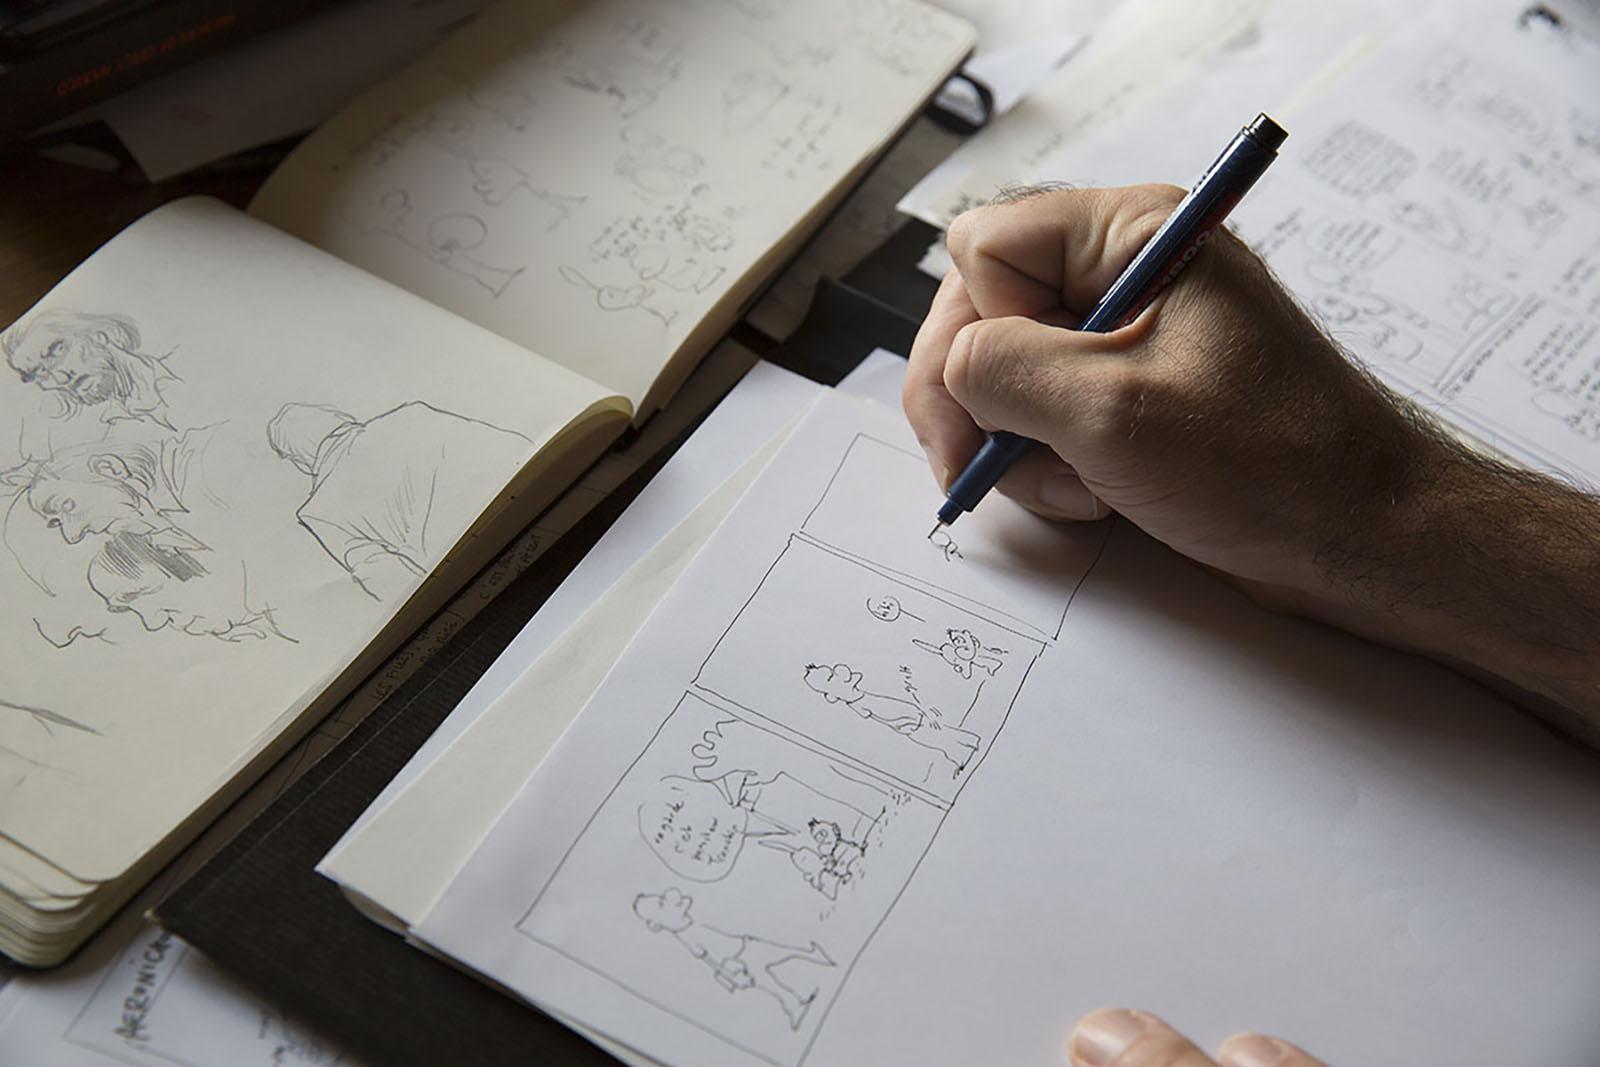 Zep le fou de dessin - Page 6 Img03-1600